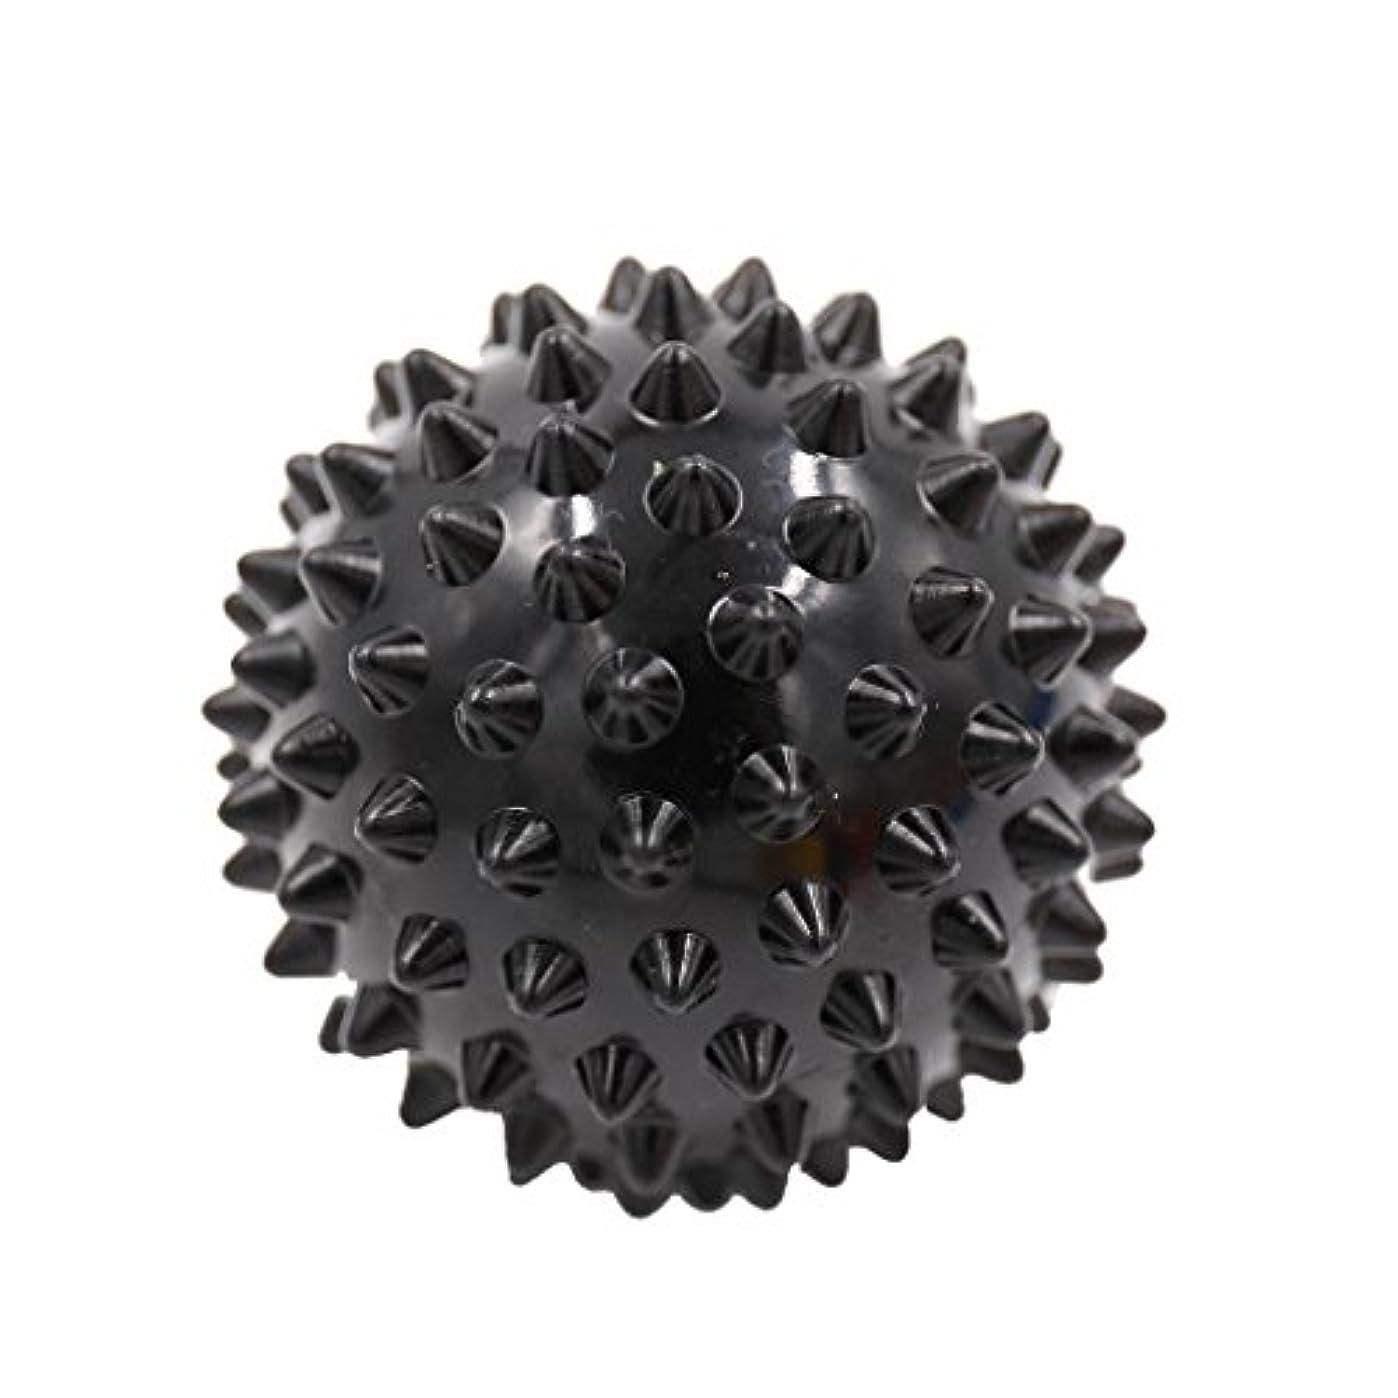 債務所属連想マッサージボール マッサージ器 ボディ レリーフ スパイク マッサージ 刺激ボール 3色選べ - ブラック, 説明したように